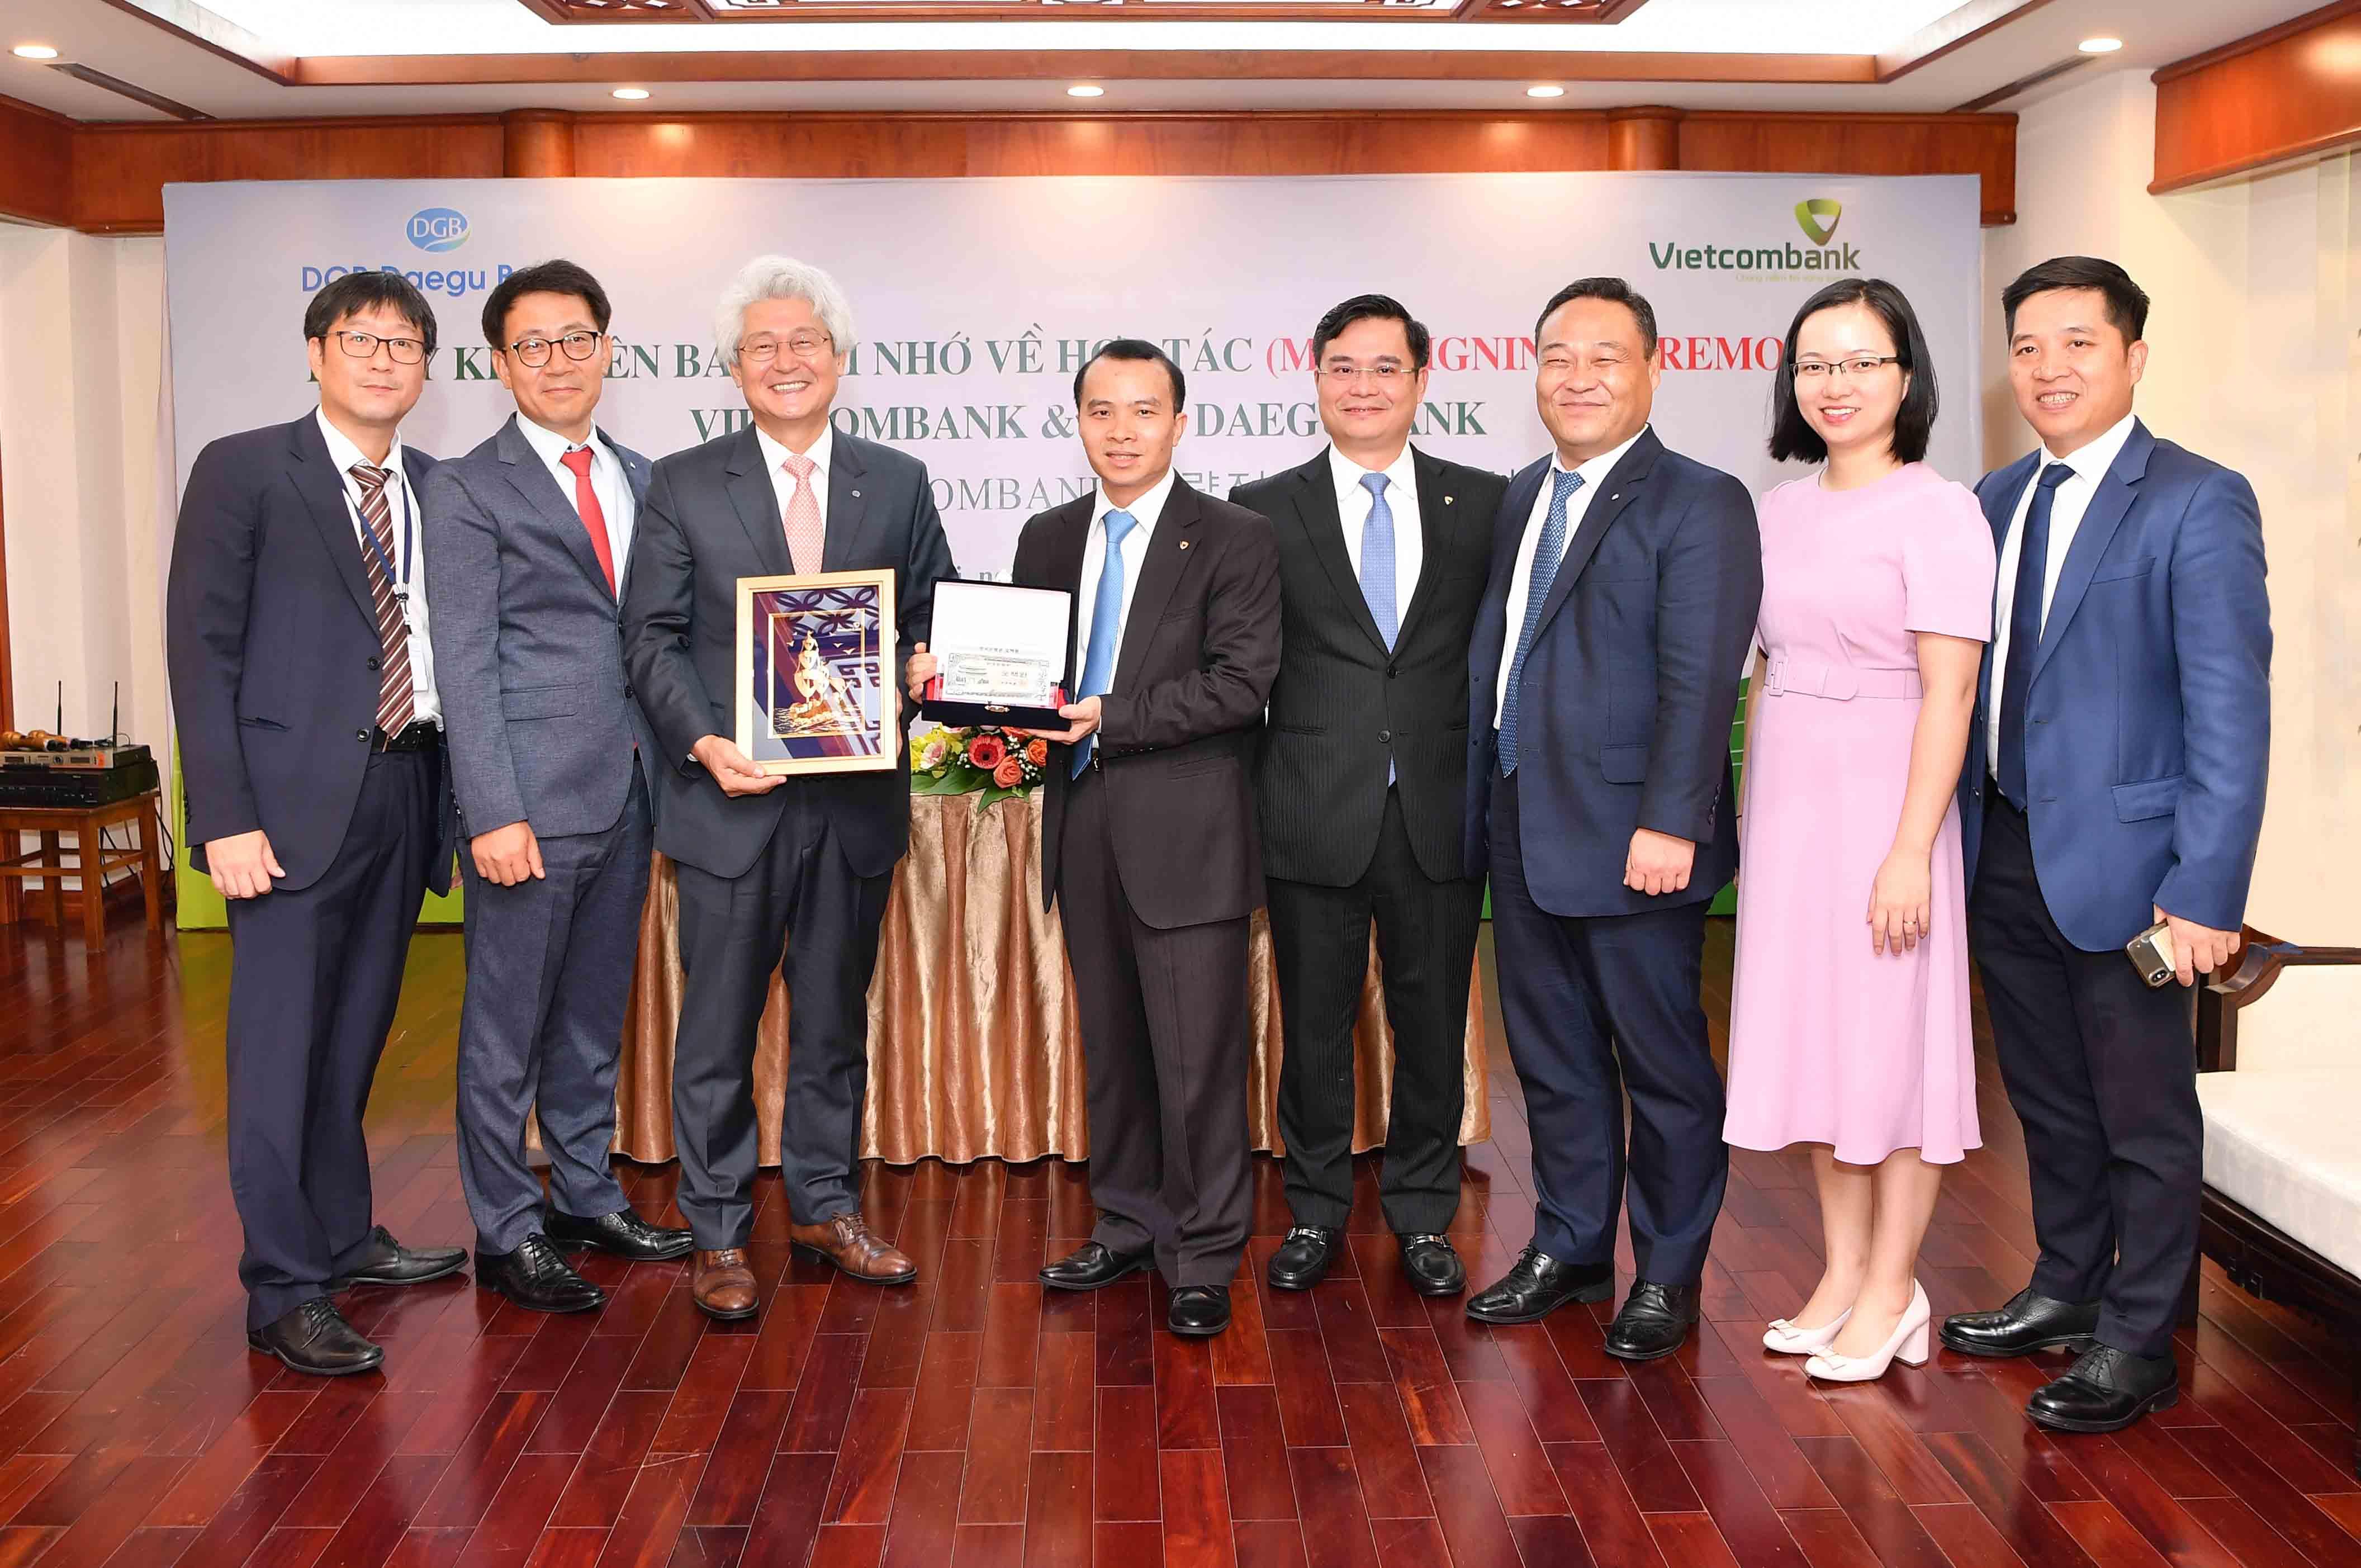 Đại diện lãnh đạo hai bên tặng quà lưu niệm và chụp ảnh sau lễ ký kết.